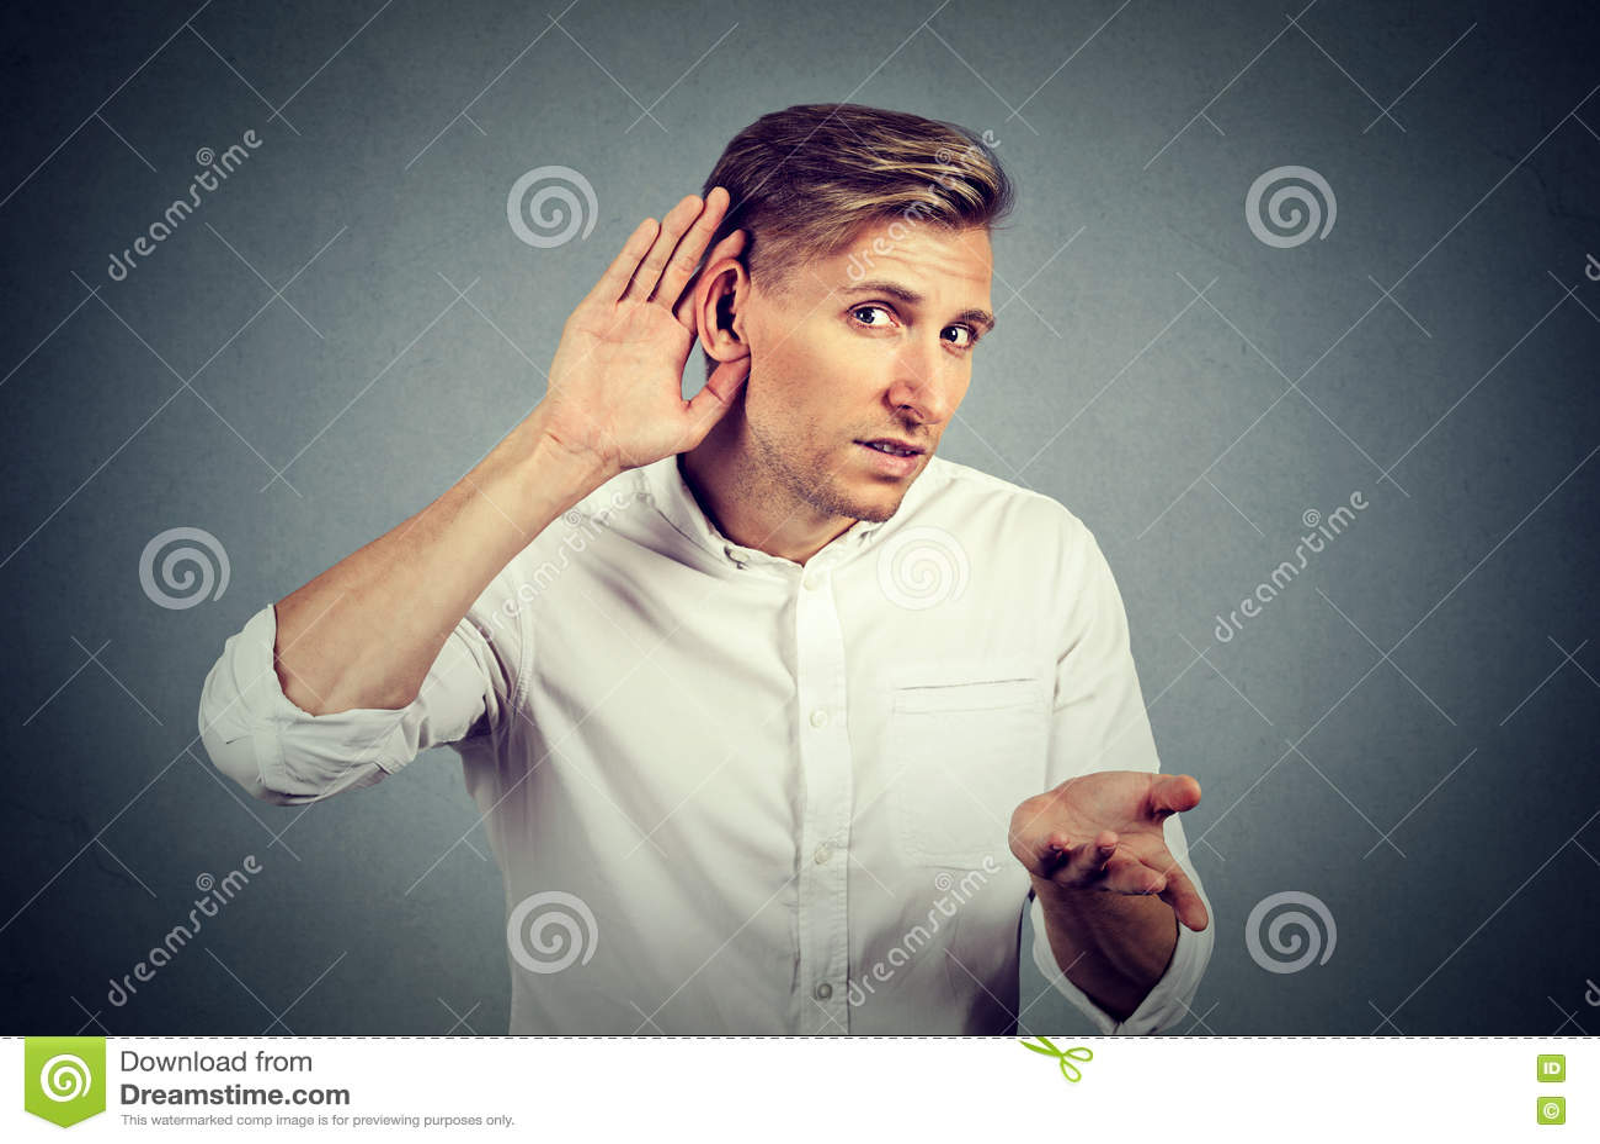 Hard of hearing man asking someone to speak up